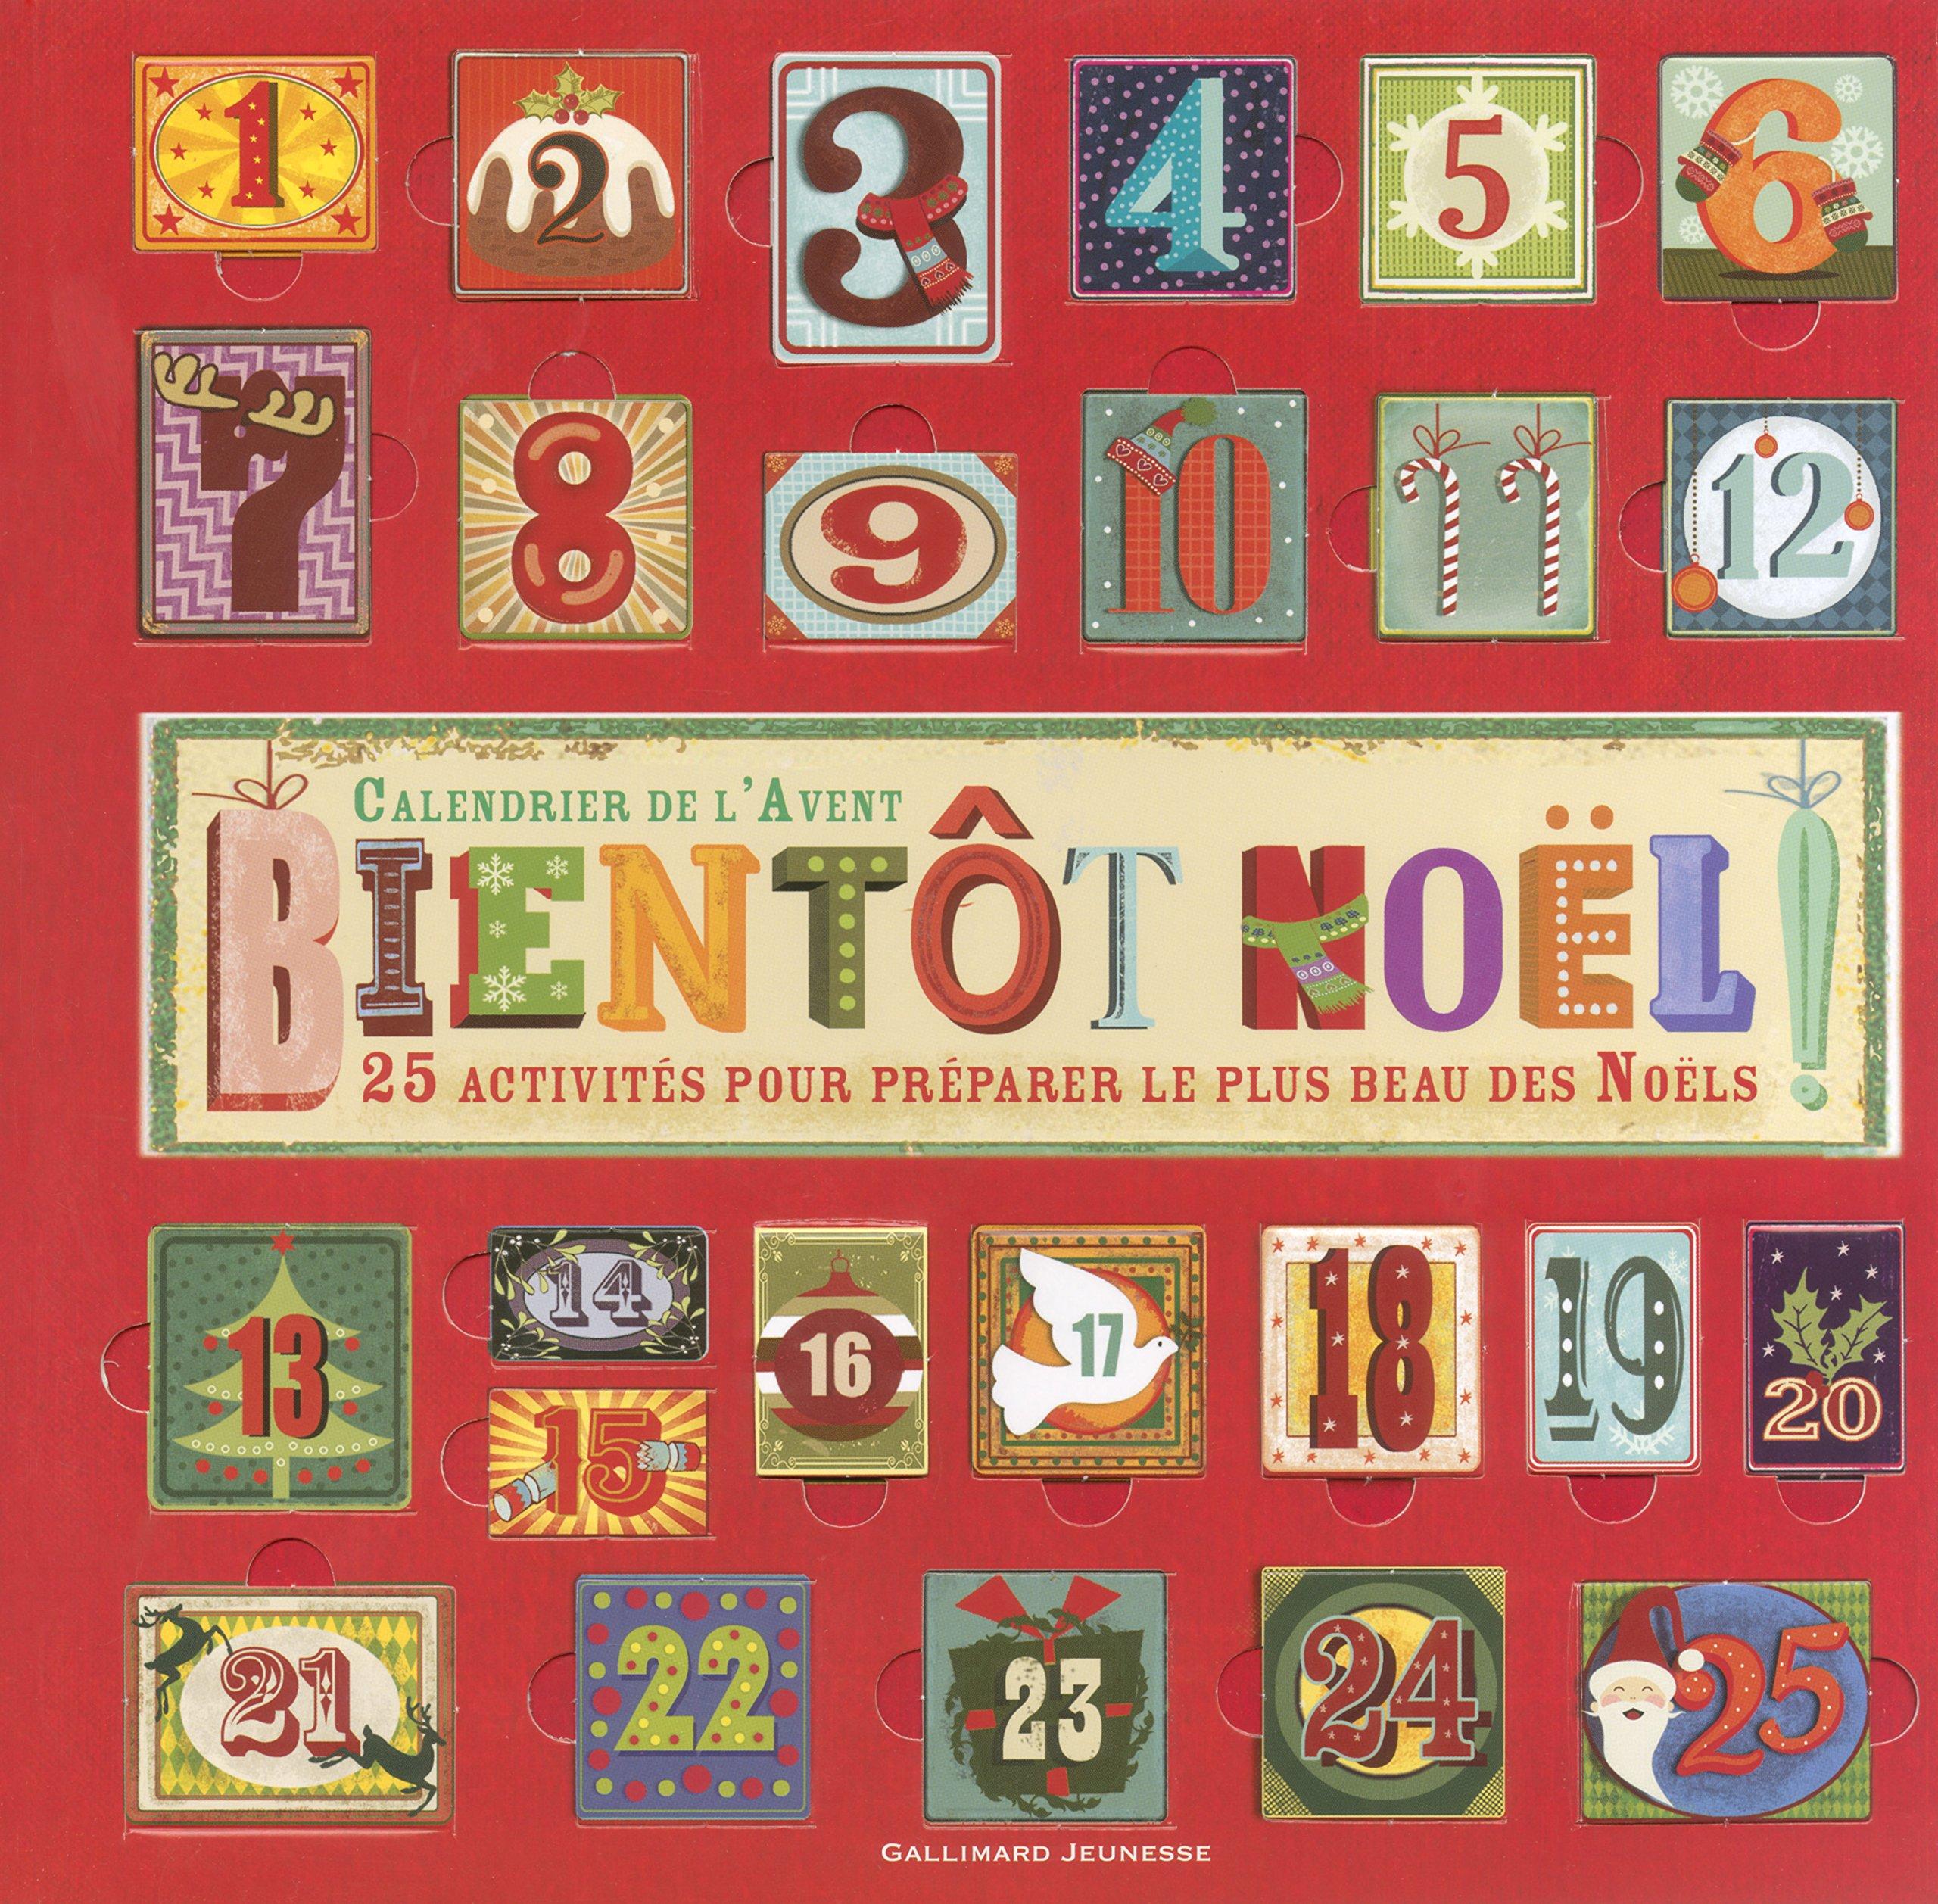 Image Calendrier De L Avent.Amazon Fr Bientot Noel Calendrier De L Avent Gina